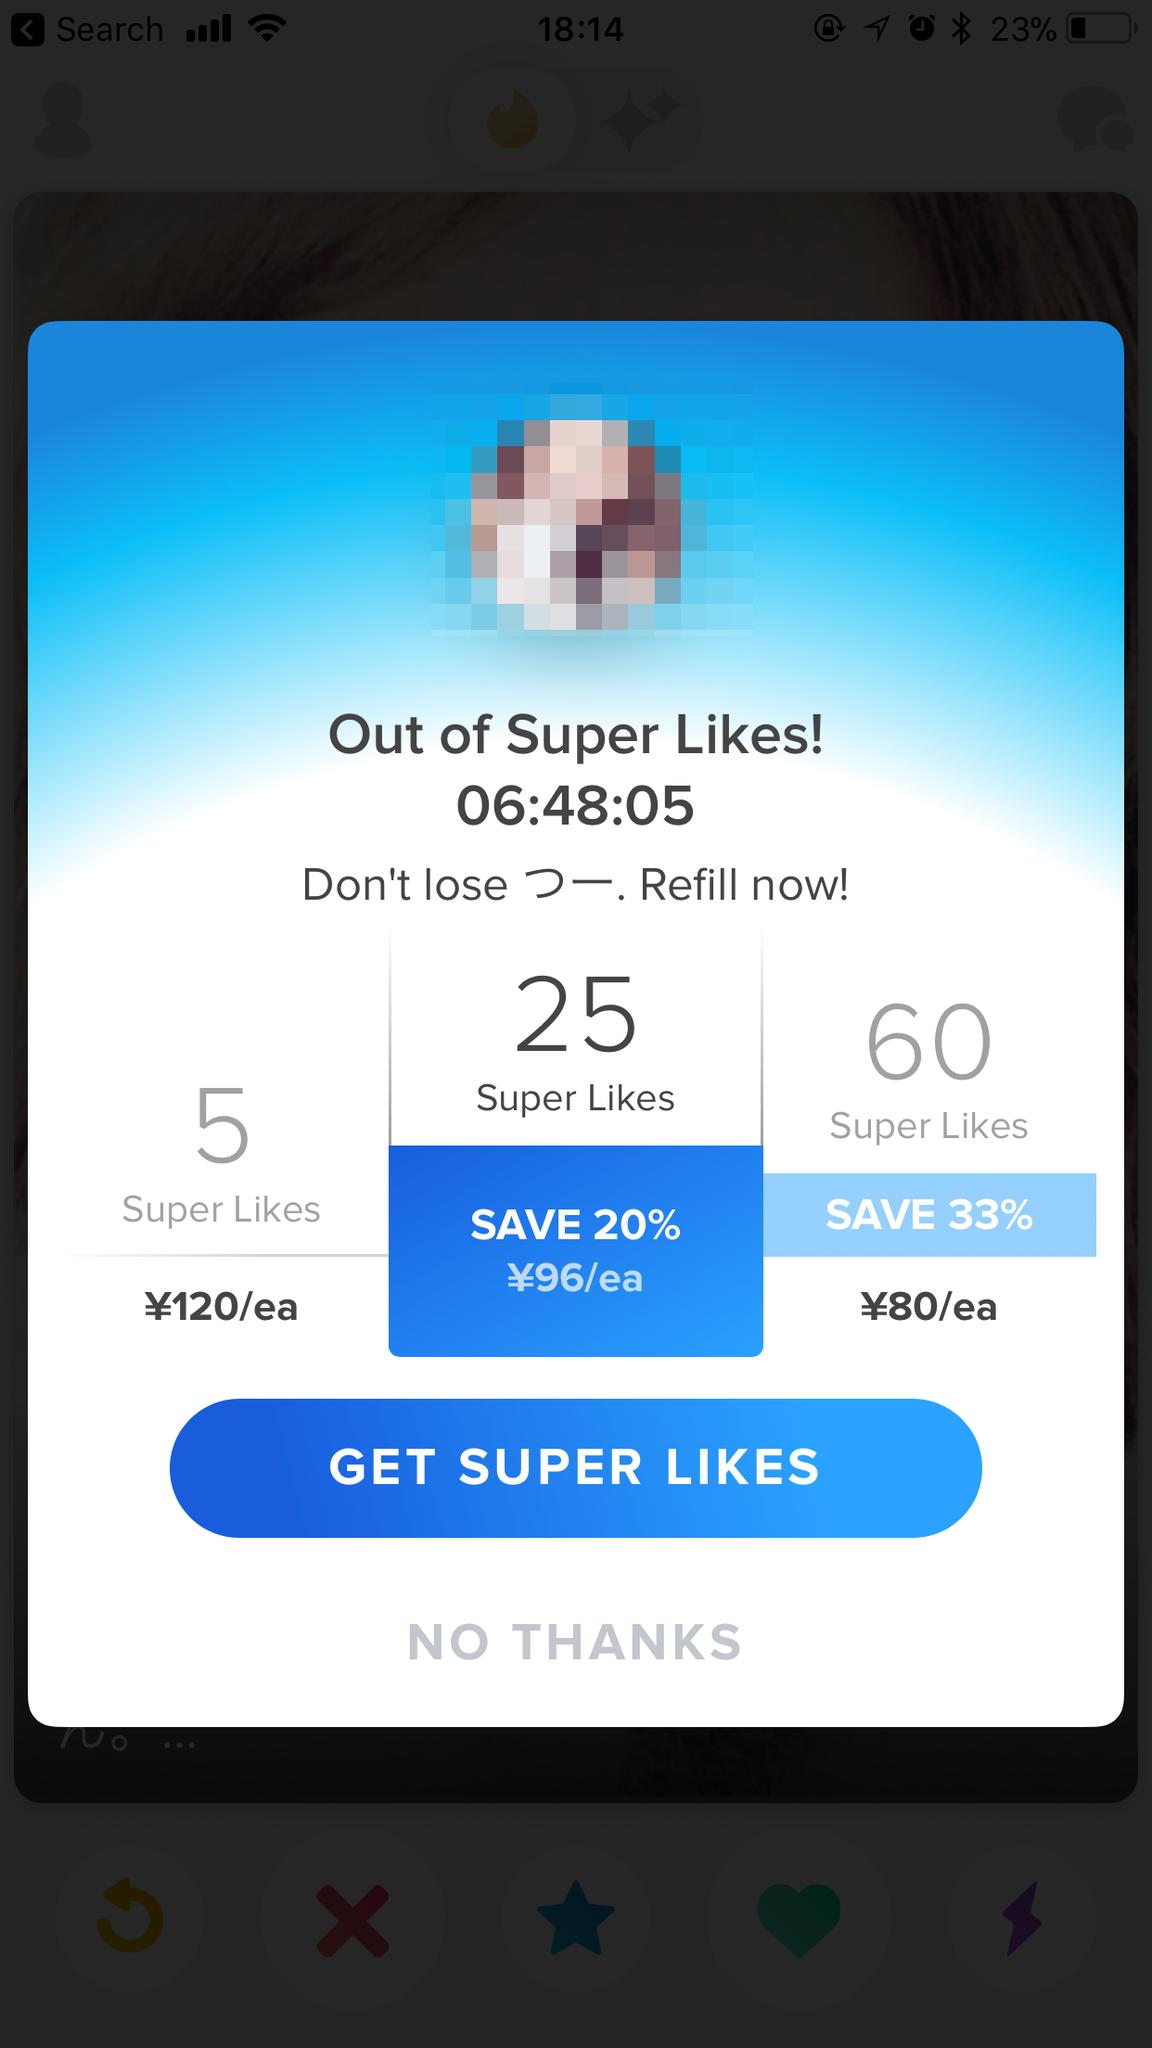 Tinder(ティンダー) SuperLike(スーパーライク)が毎日5回可能!